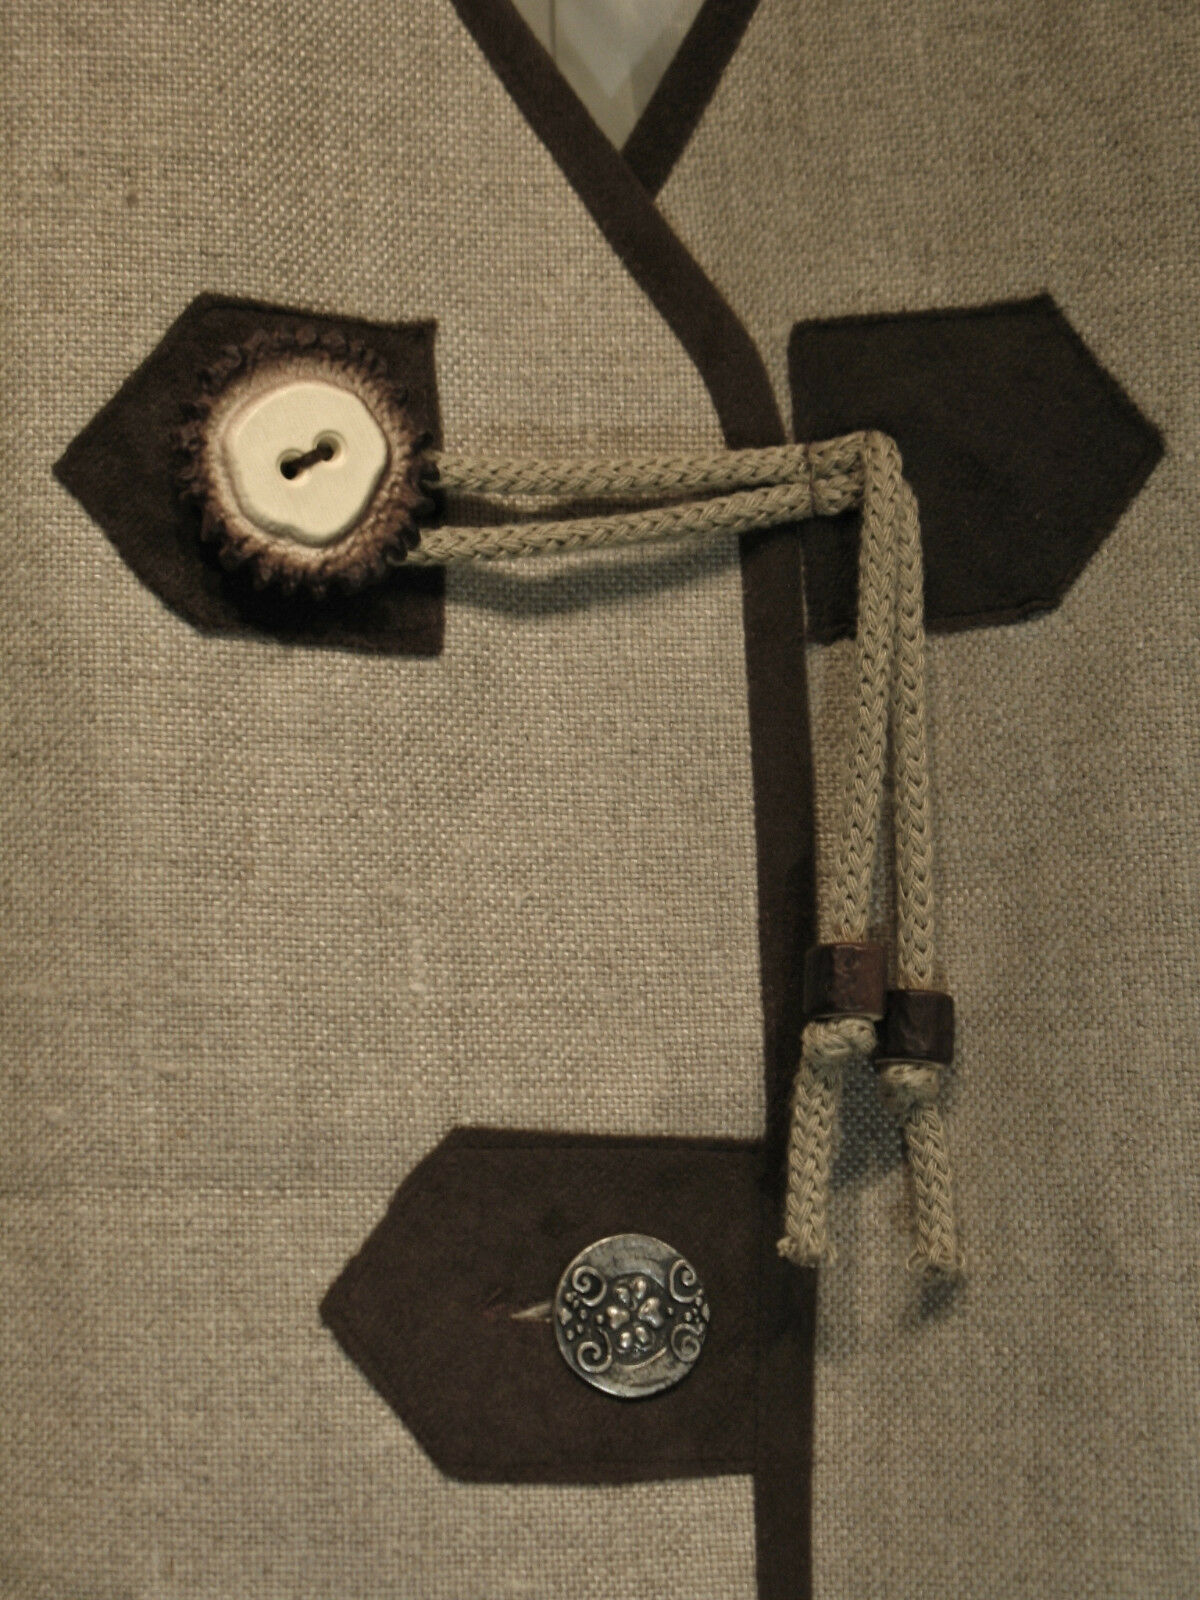 Fast NEU Leinen Baumwolle Baumwolle Baumwolle TRACHTEN MODE Landhaus Gilet Trachtenweste Tunika TOP | Neueste Technologie  | Ausgezeichnete Leistung  | Vorzüglich  5fe308